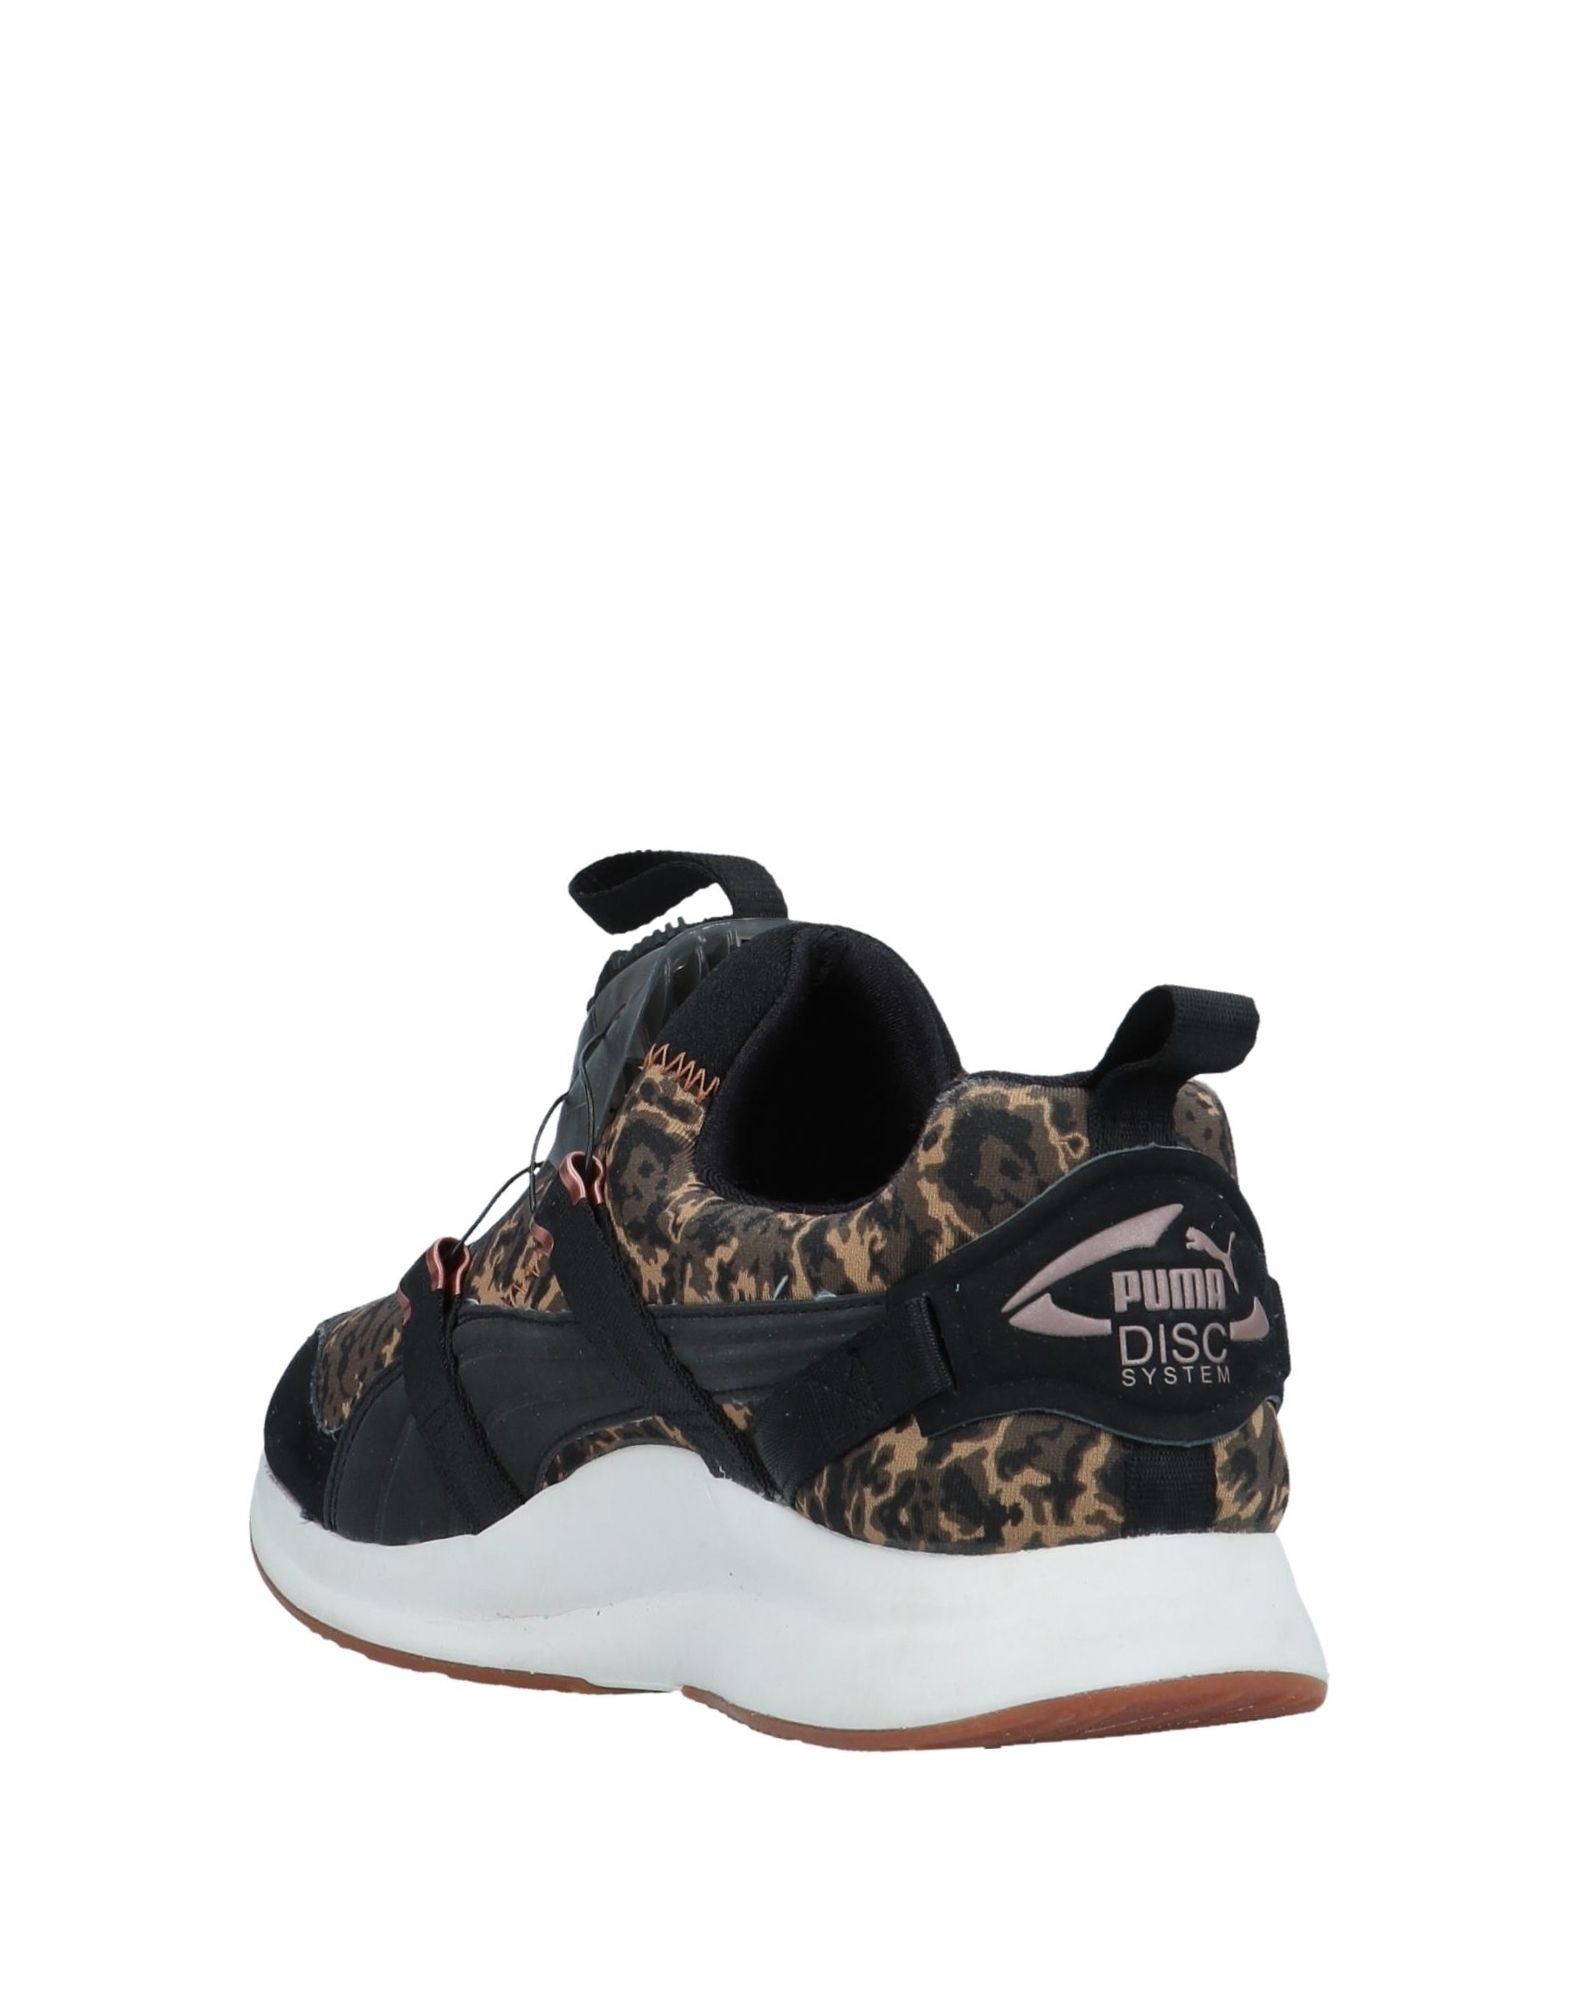 Puma Sneakers lohnt Damen Gutes Preis-Leistungs-Verhältnis, es lohnt Sneakers sich 2b47b7